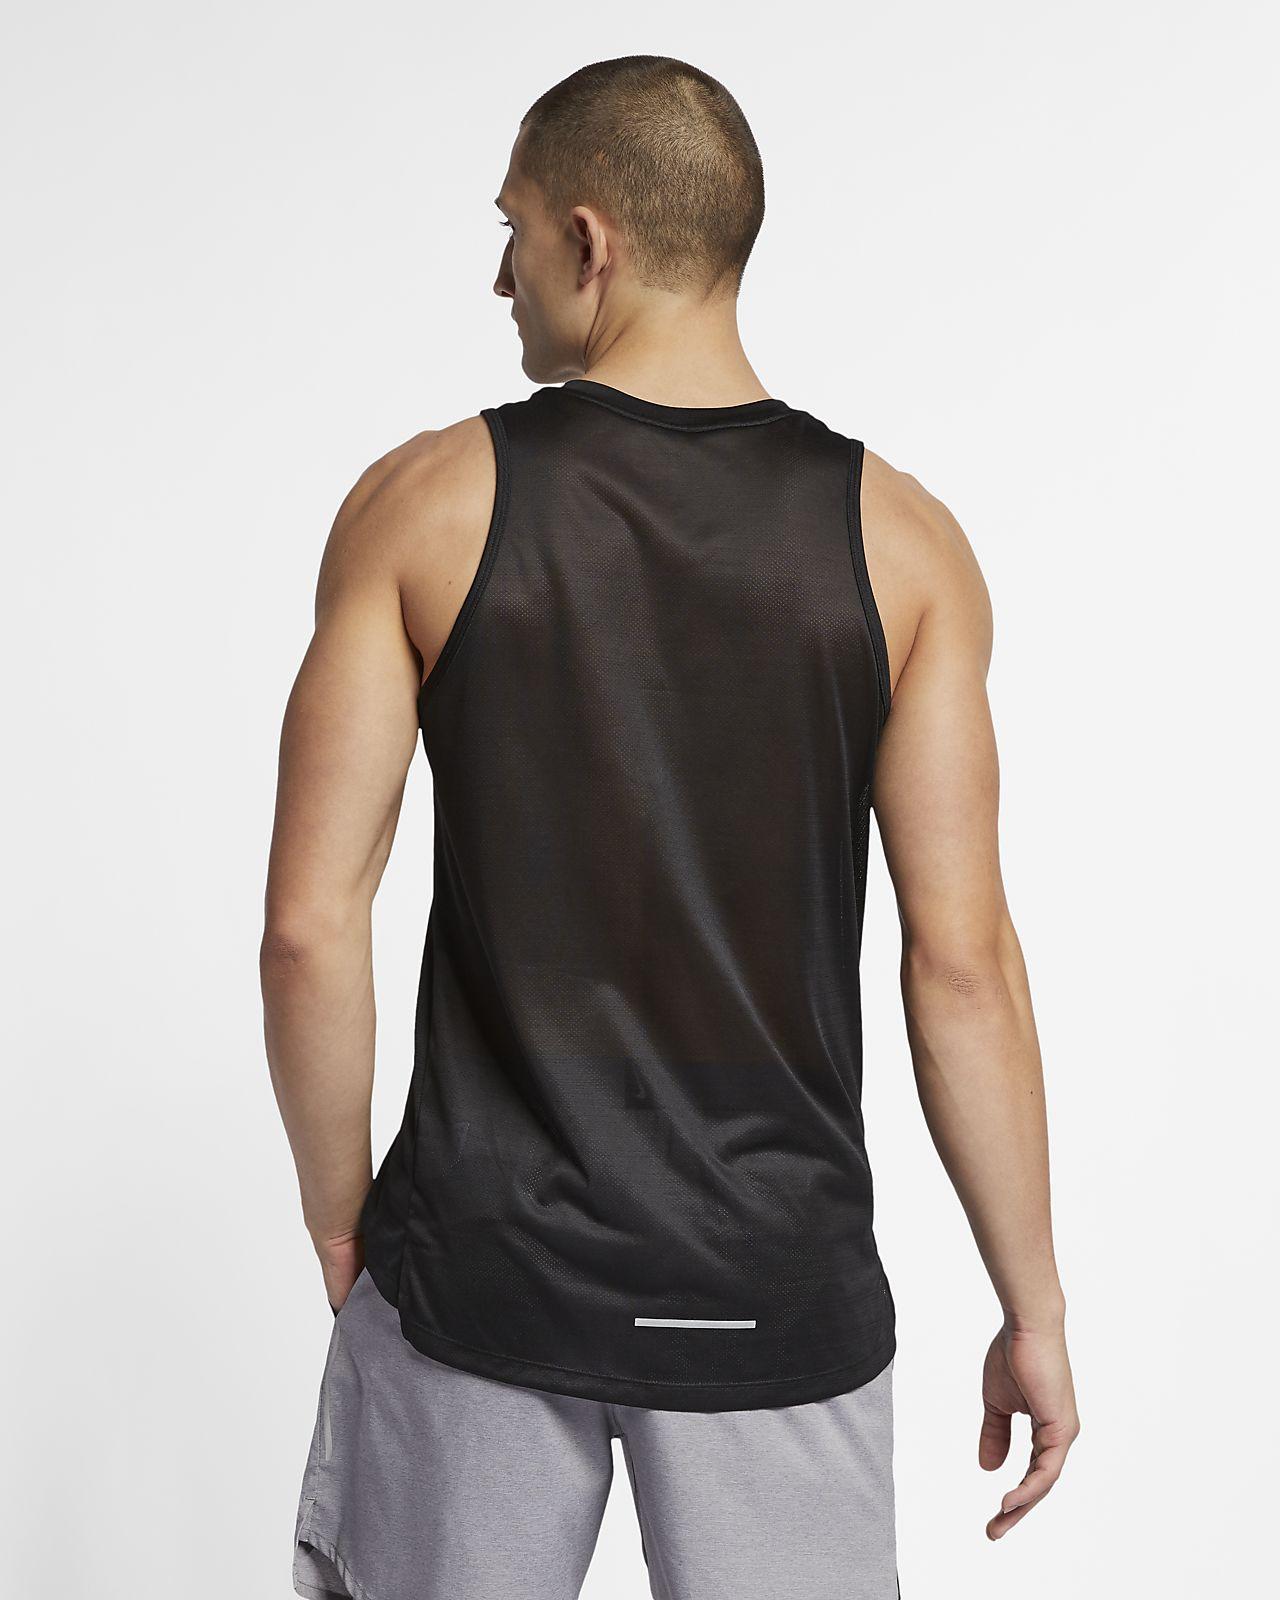 reputable site 23921 160b3 ... Nike Dri-FIT Miler Men s Running Tank